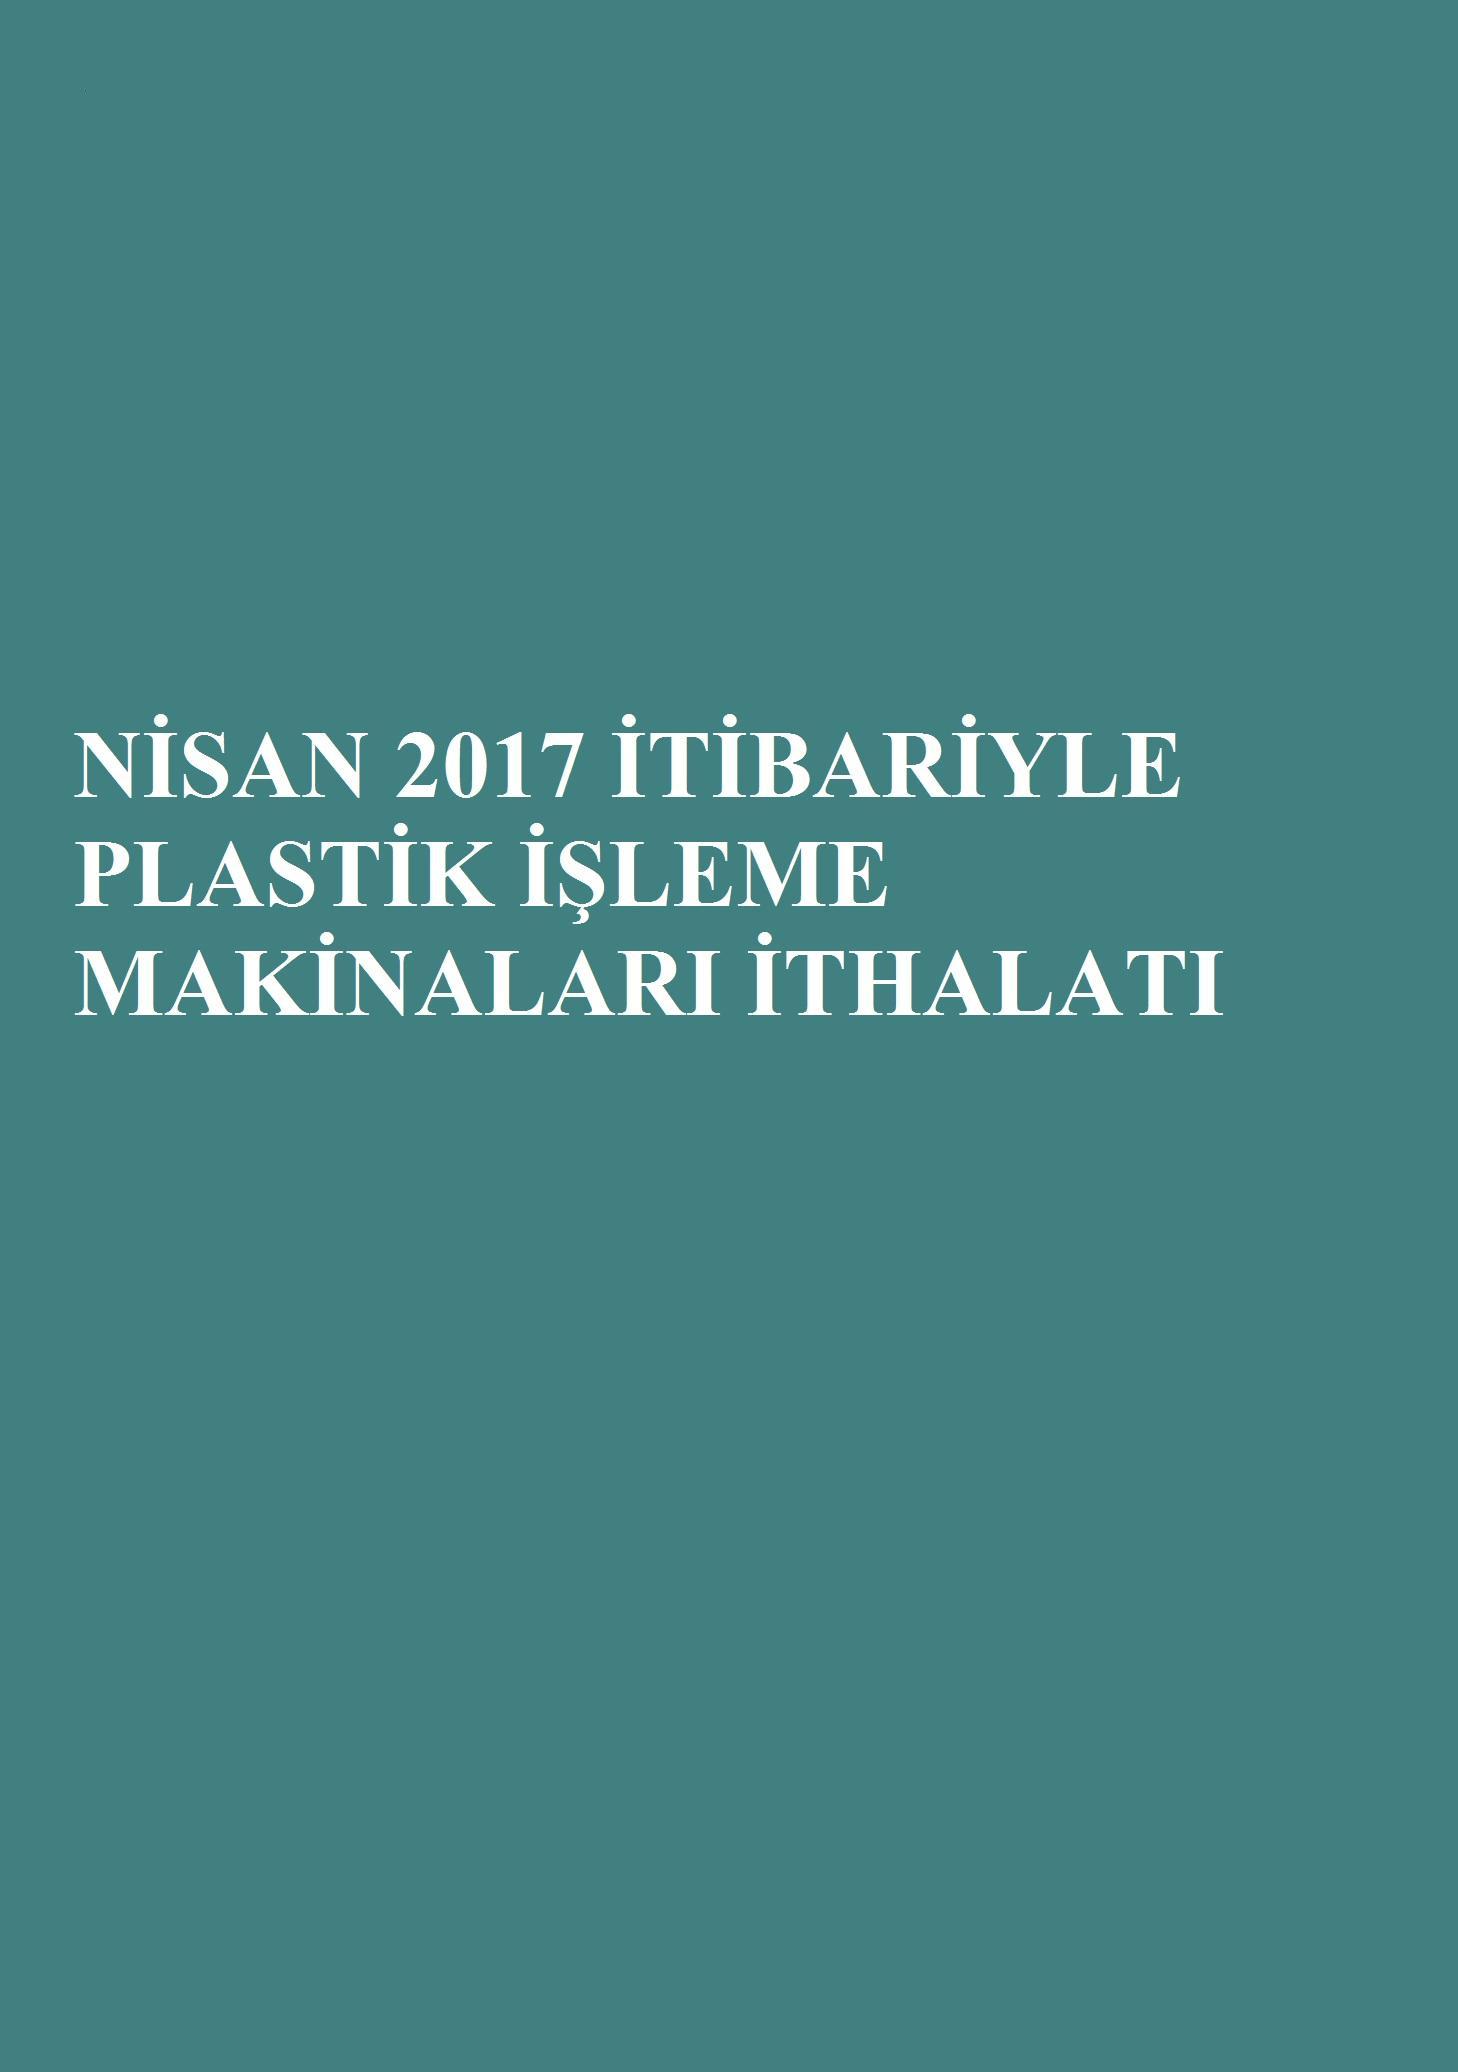 Nisan 2017 İtibariyle Plastik İşleme Makinaları İthalatı